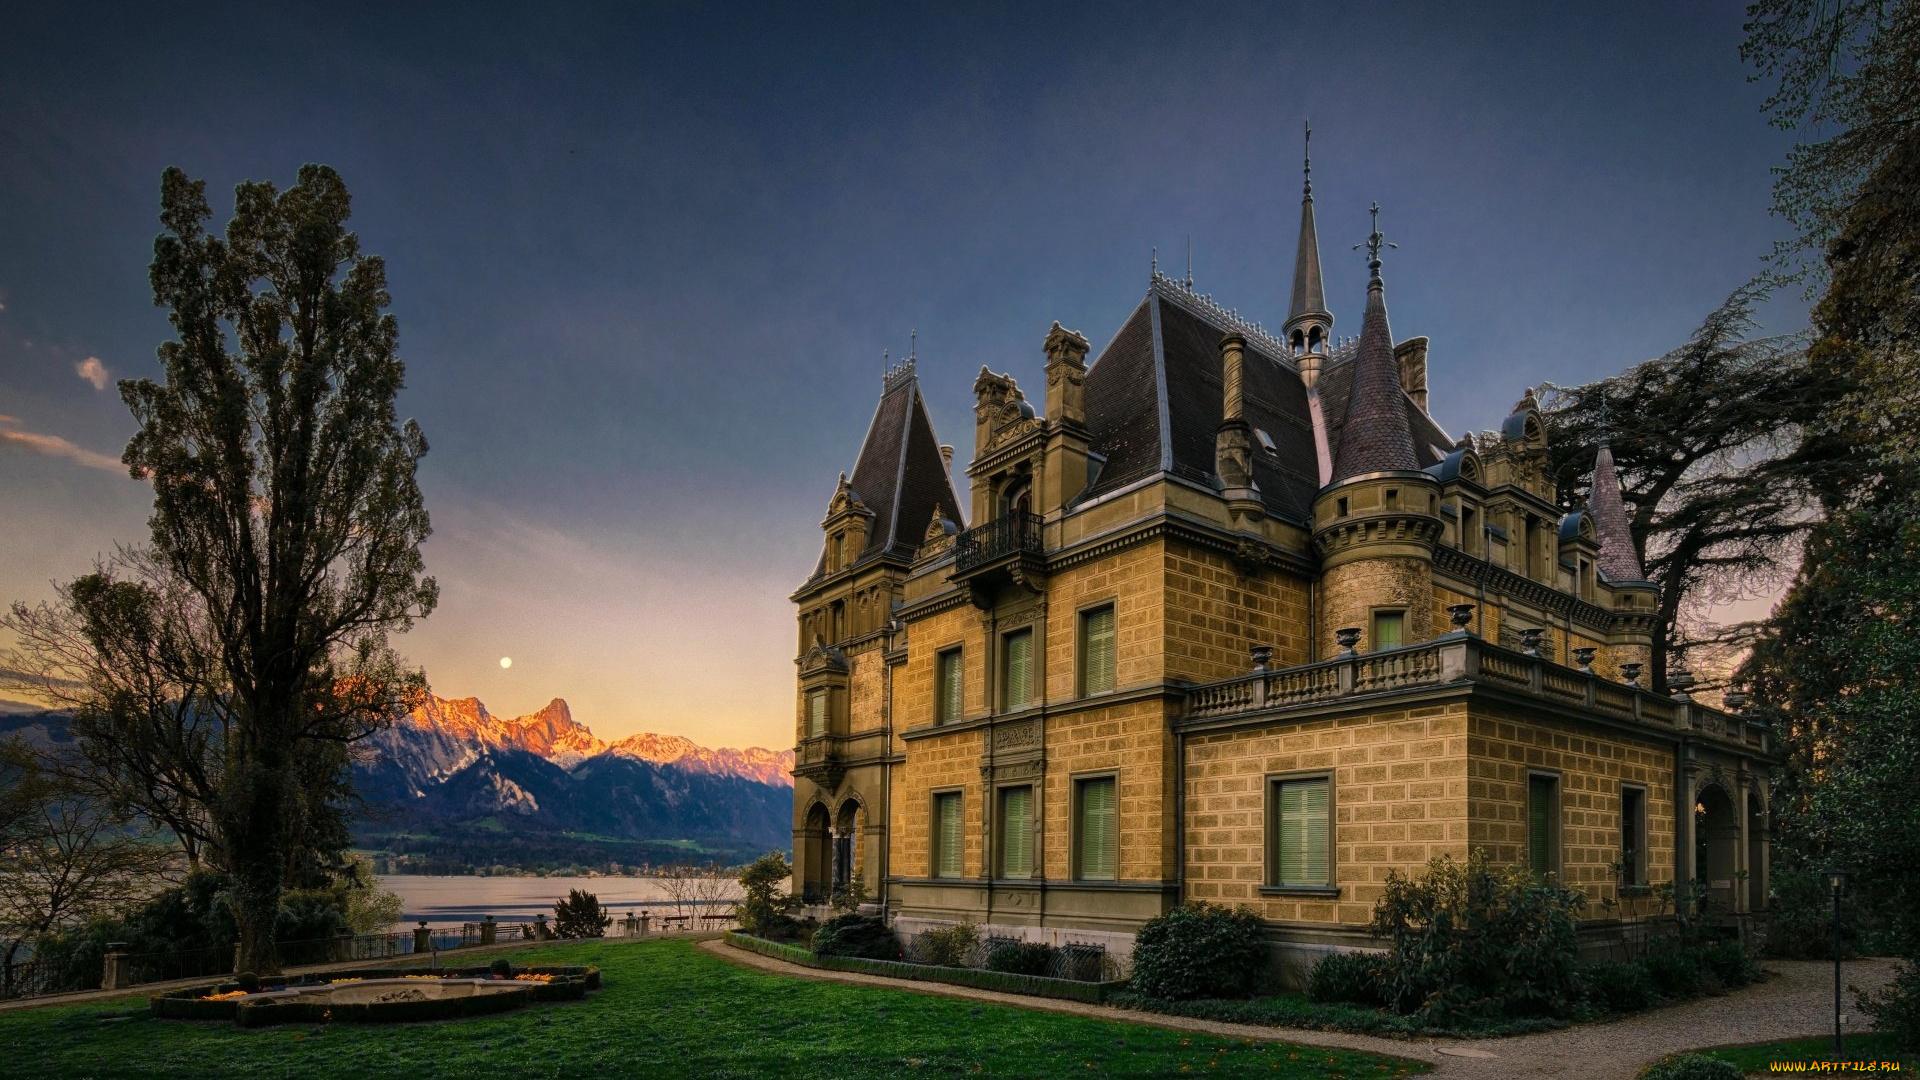 Замок швейцария вечер  № 2569354 загрузить